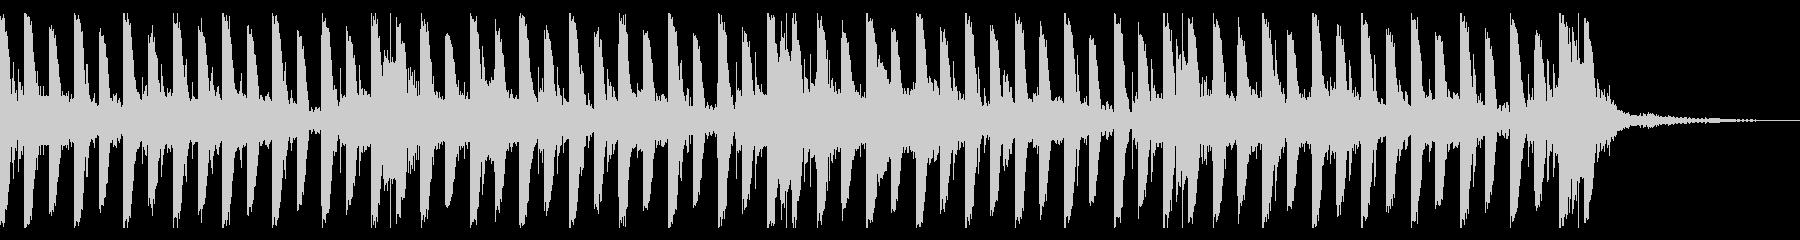 スイープ、128 BPMの未再生の波形